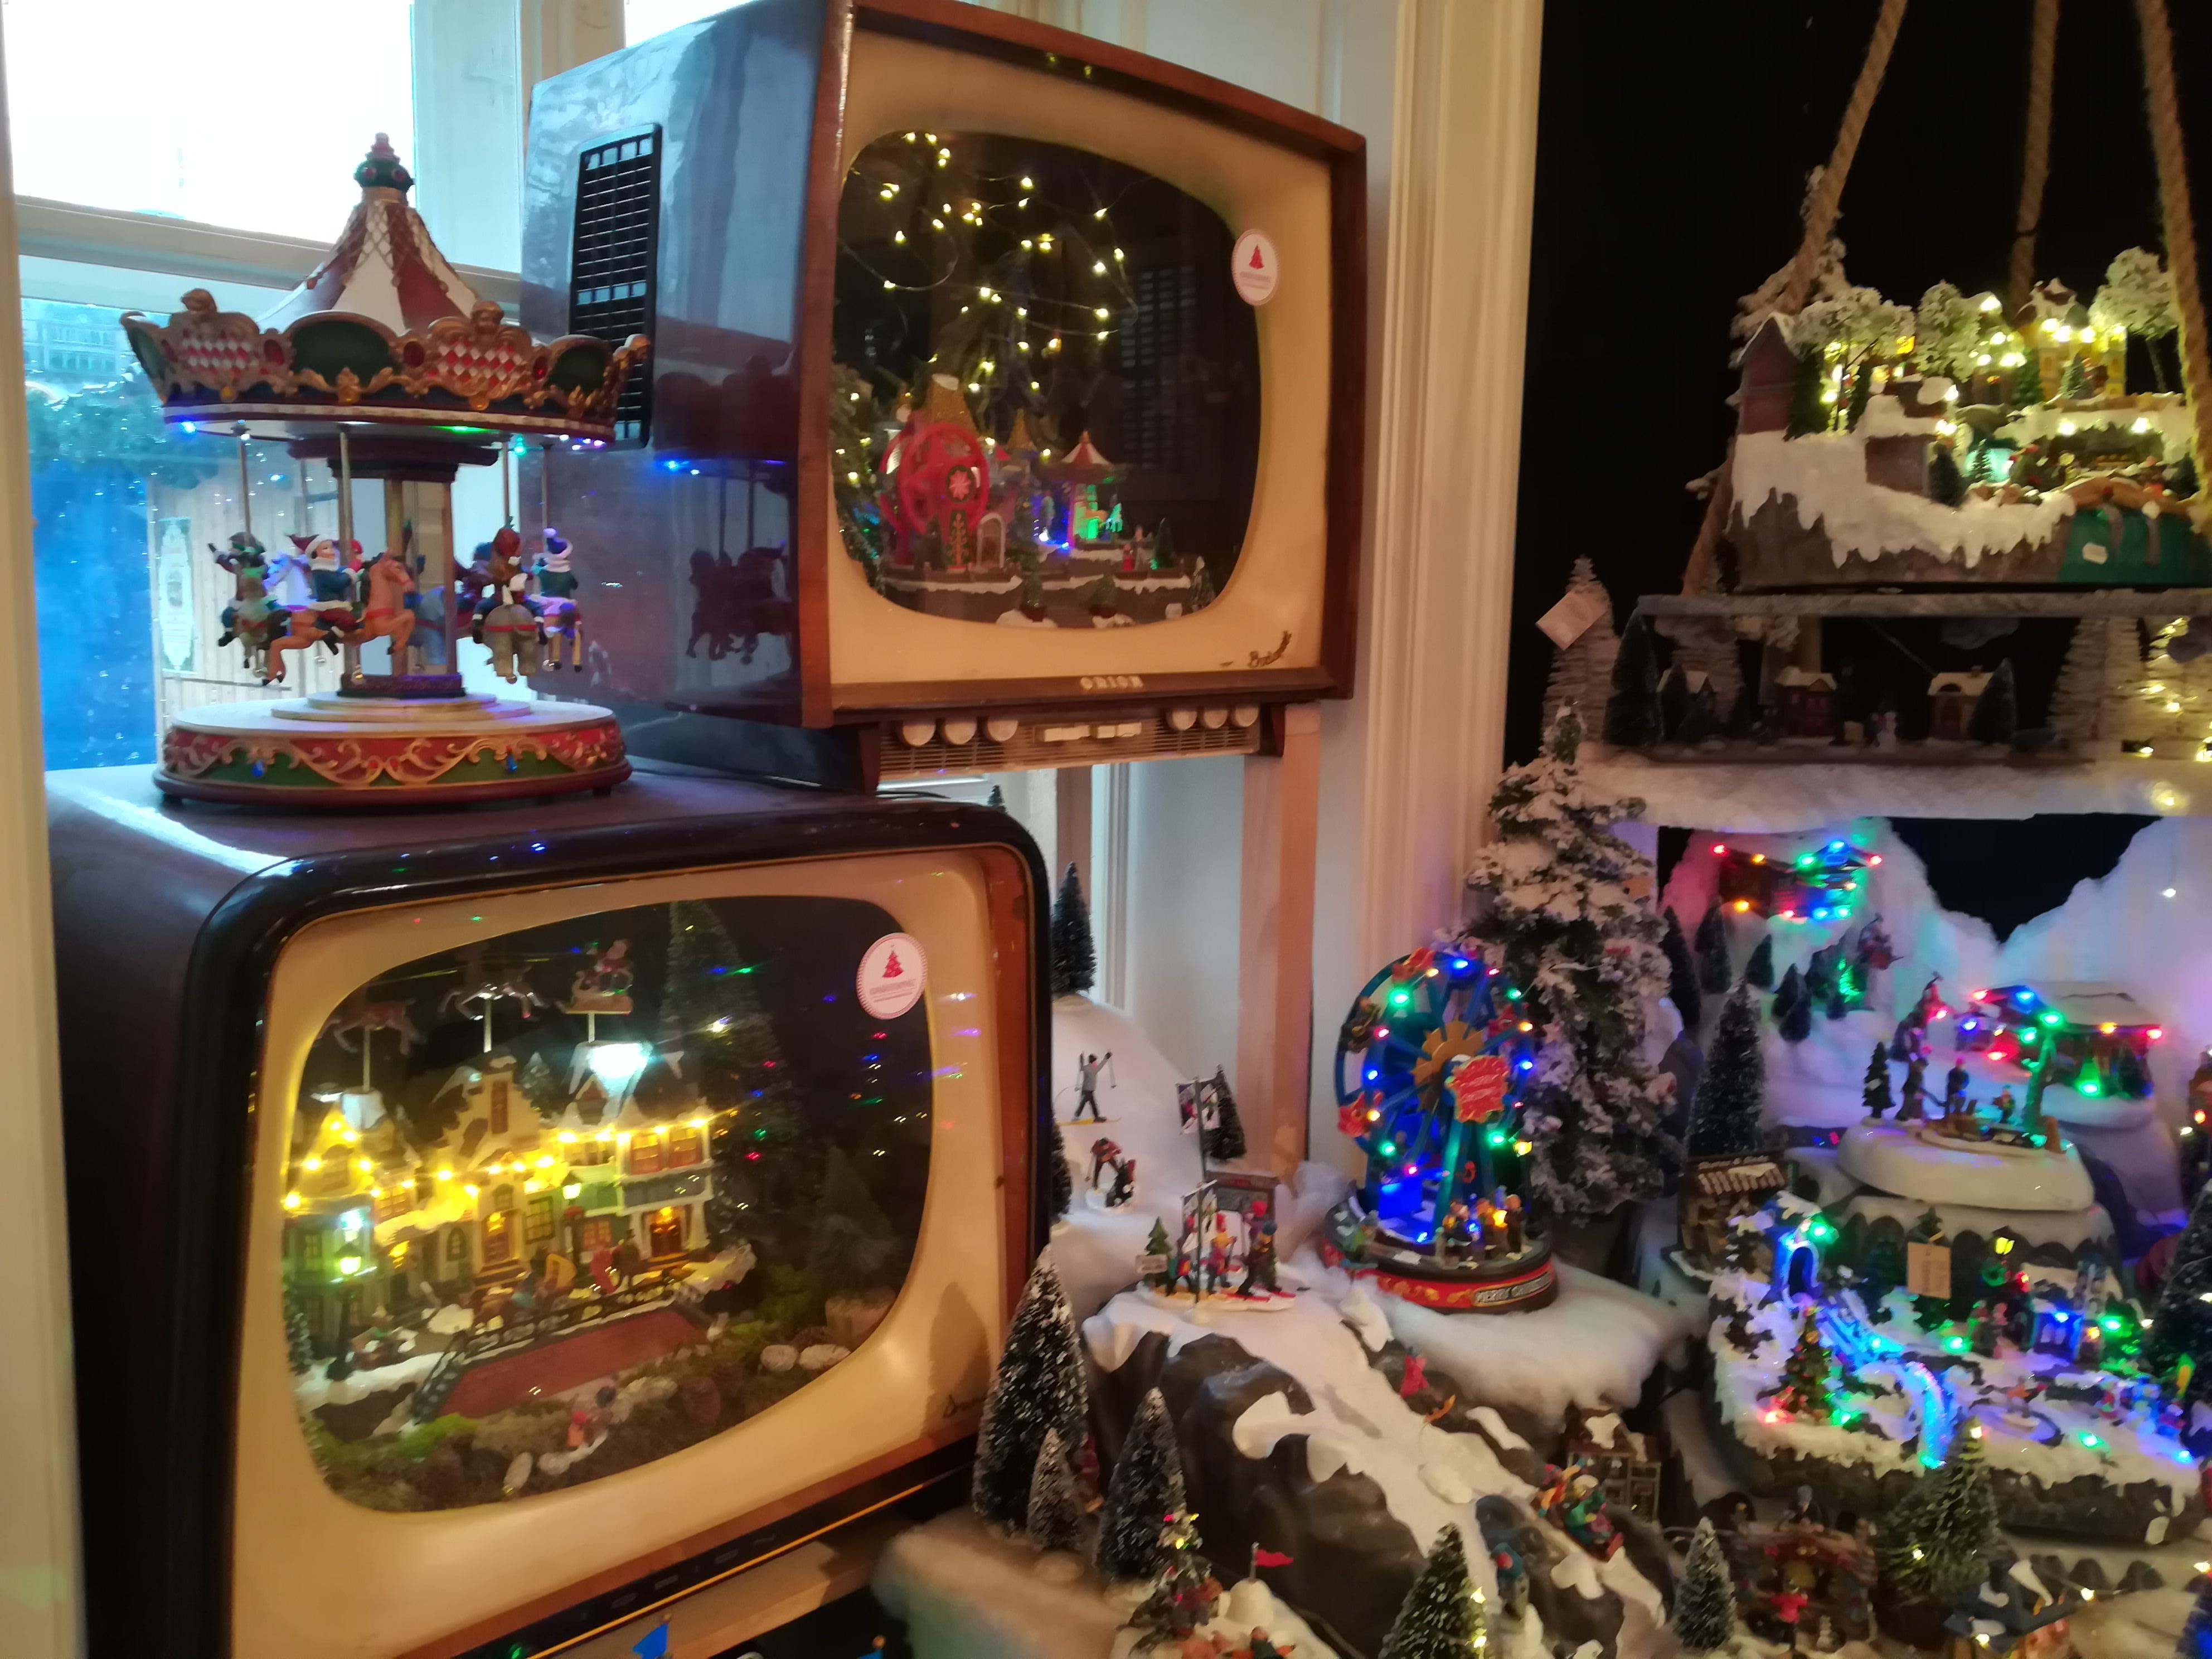 Ide látogass el a Karácsonyi hangulatért!